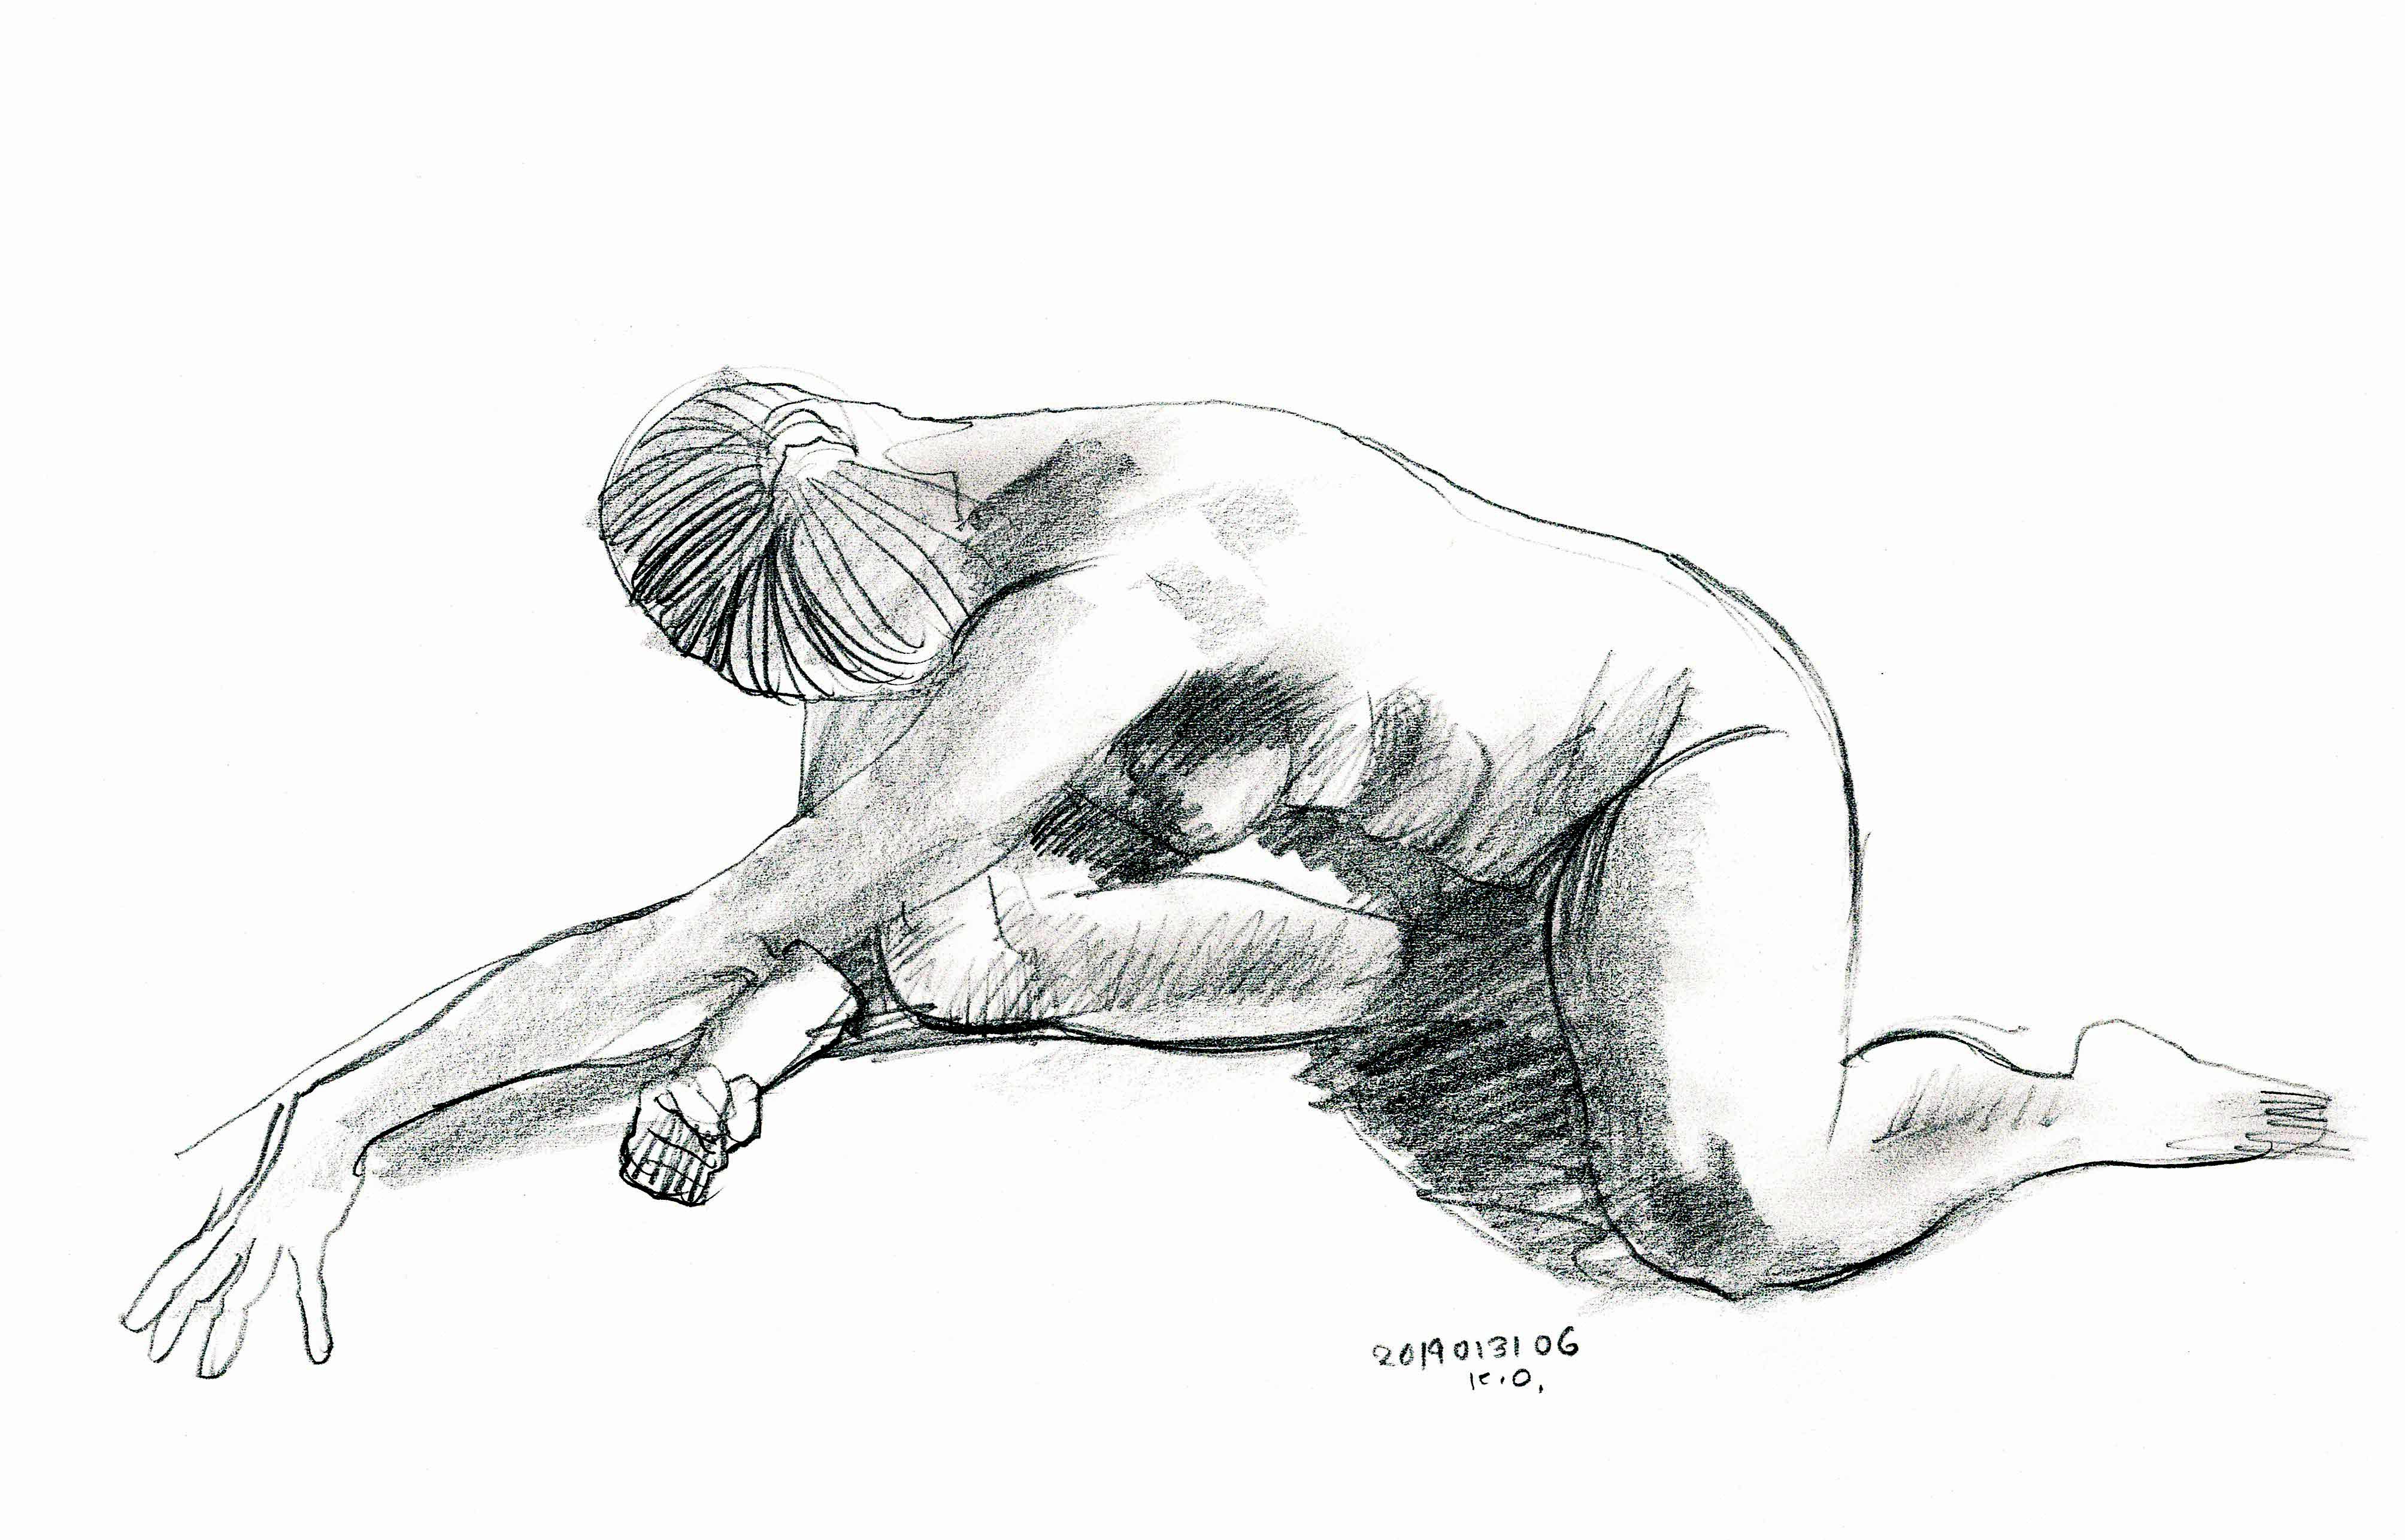 drawing_2019013106